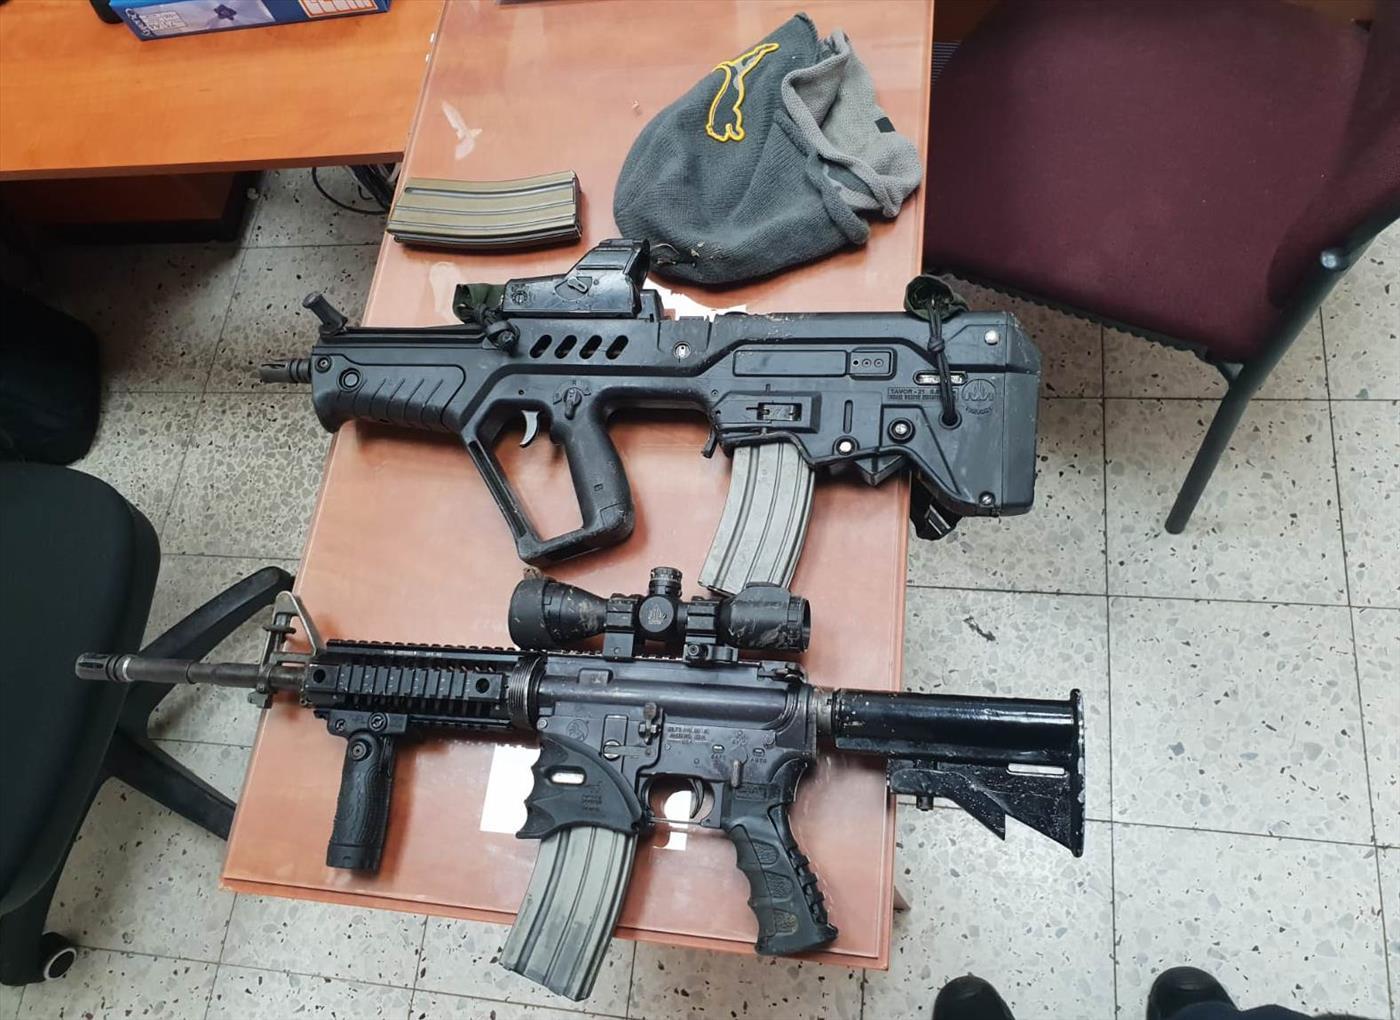 ארגוני הפשע הערבים והבדואים שמים זין על המשטרה והחוק-הגיע הזמן להחזיר מלחמה ! NygkojOCxpVQKh